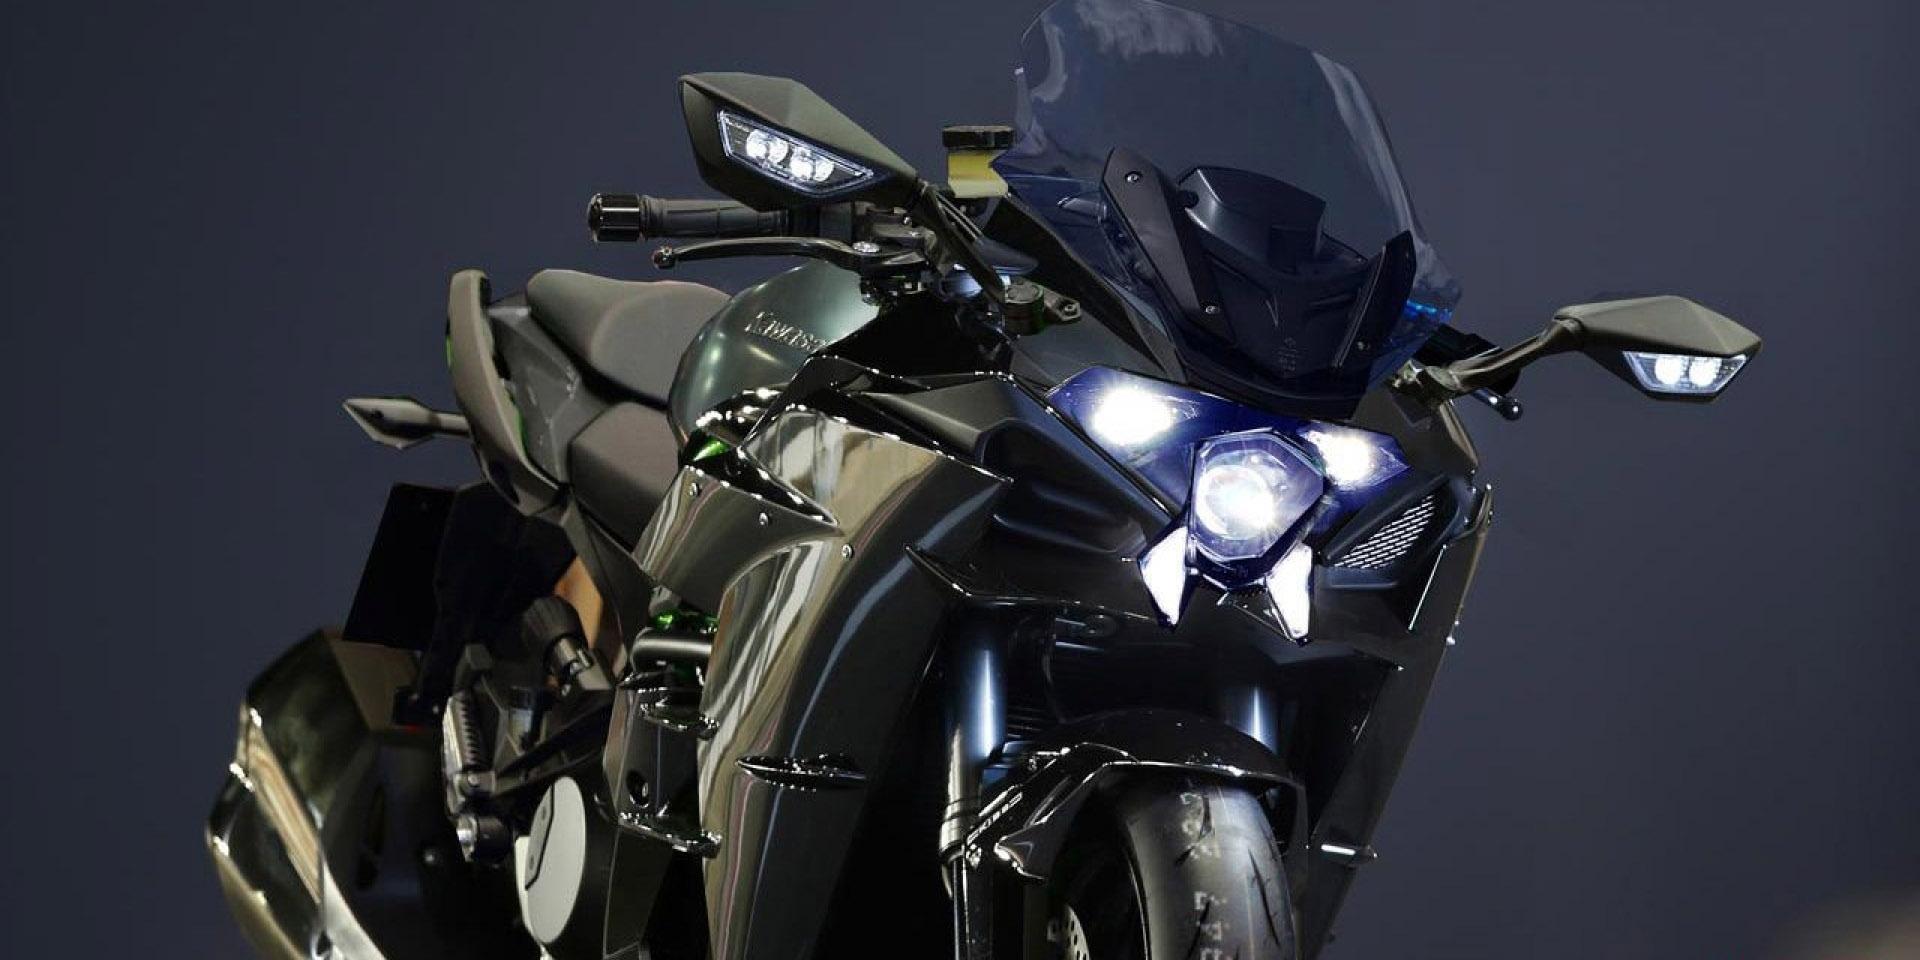 KAWASAKI增壓旅跑 H2 GT 可能於年底問世